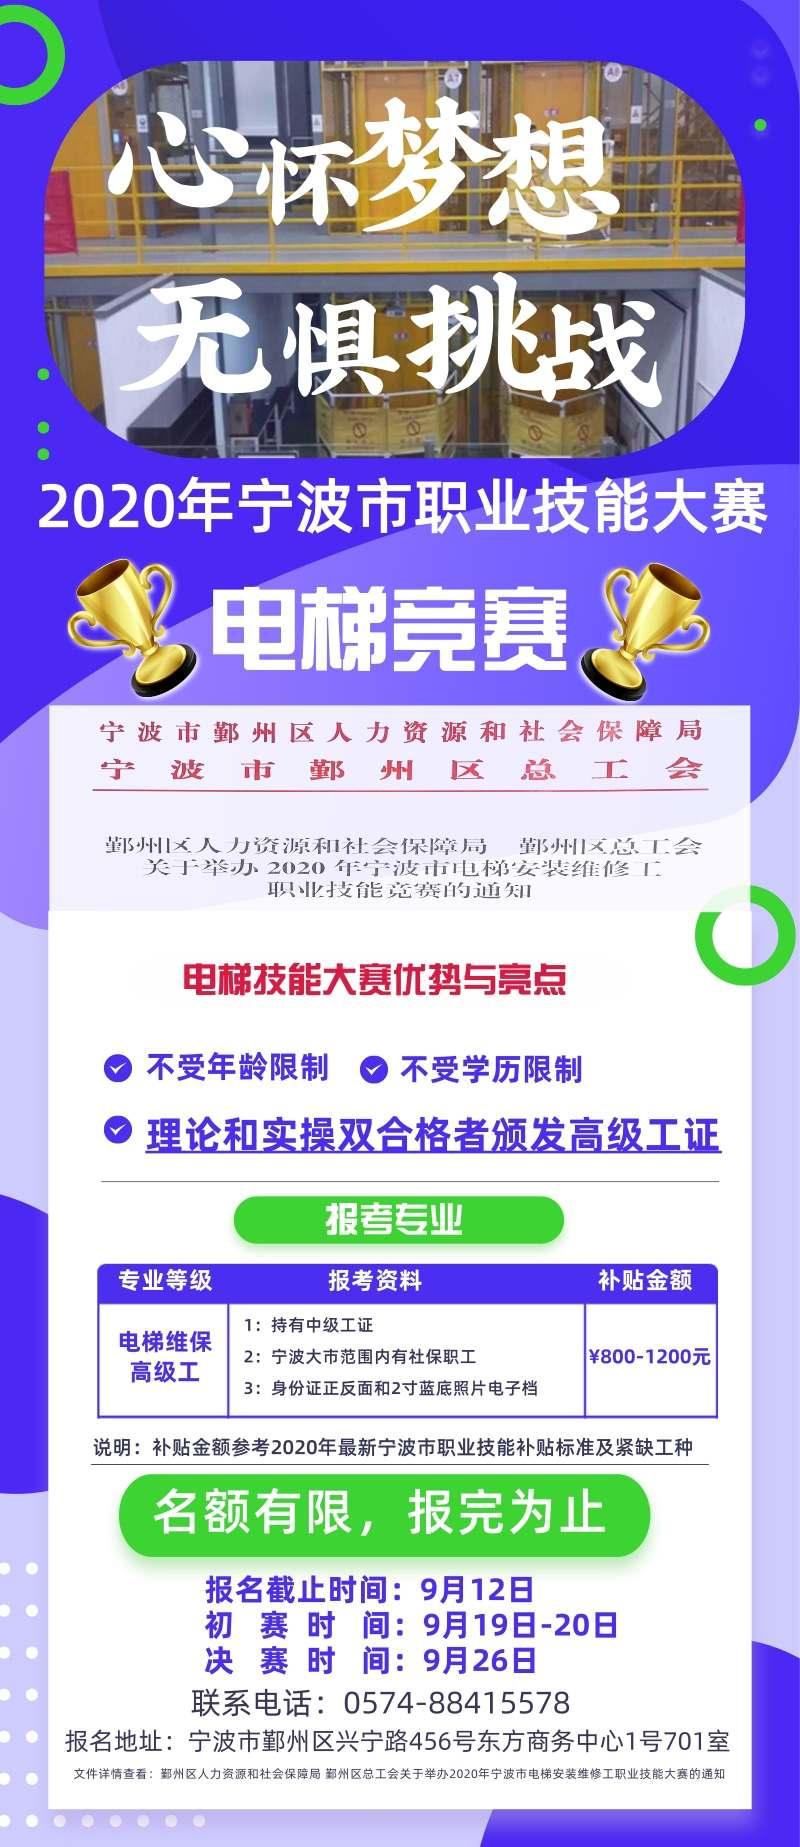 2020年宁波市职业技能大赛电梯竞赛火热报名中